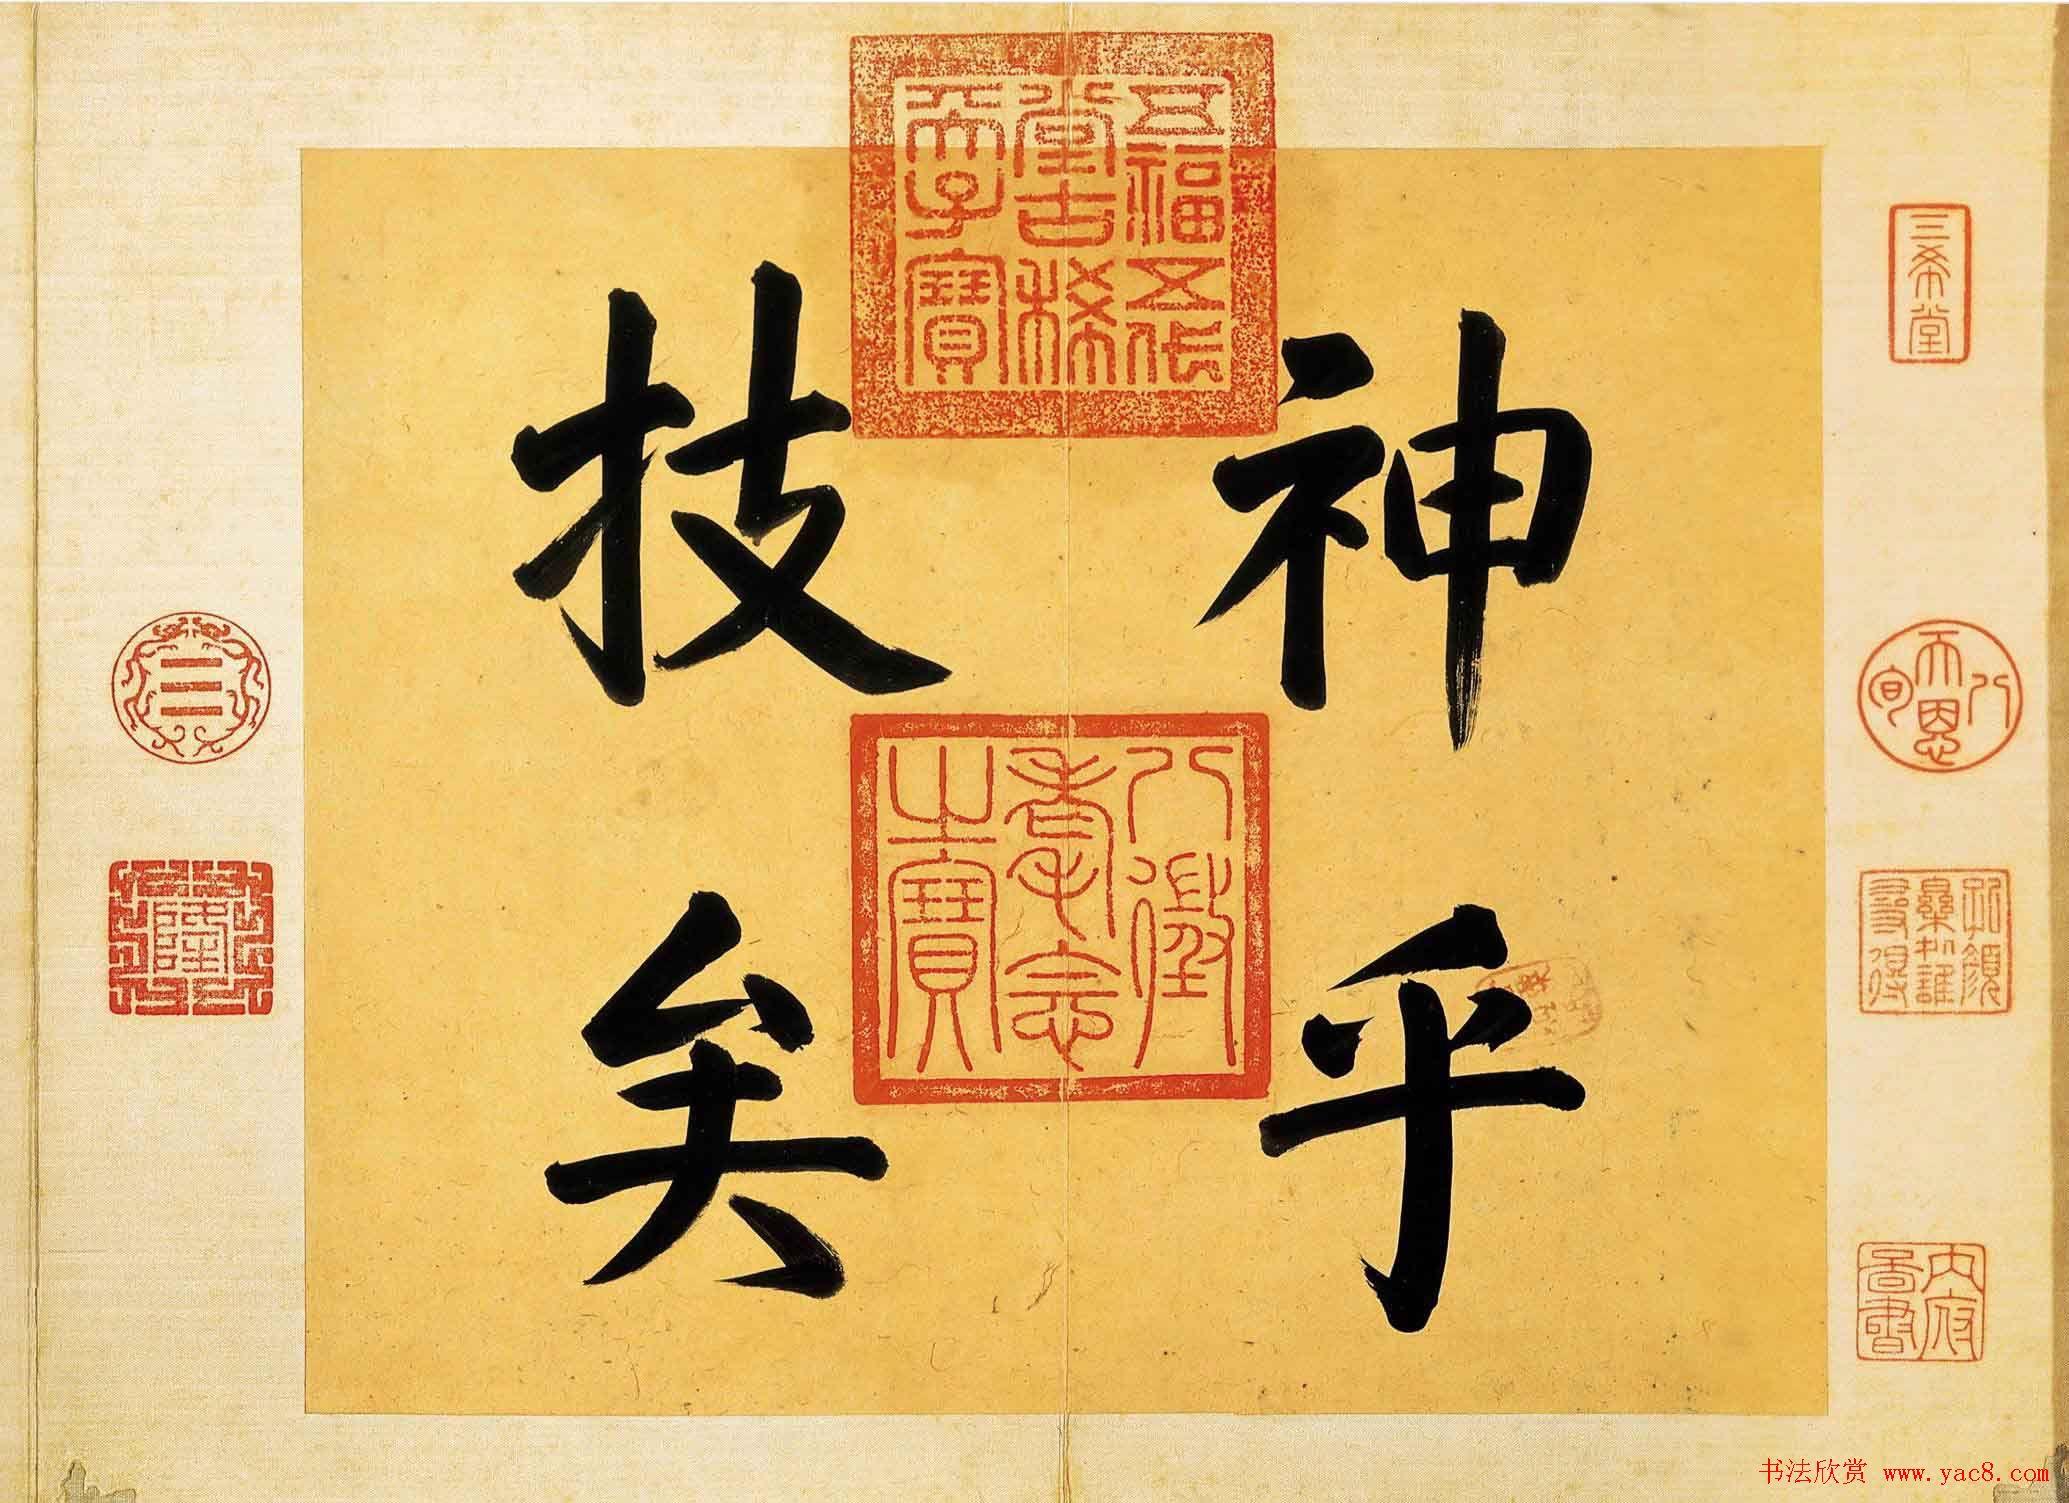 稀世瑰宝王羲之书法《快雪时晴帖》全卷